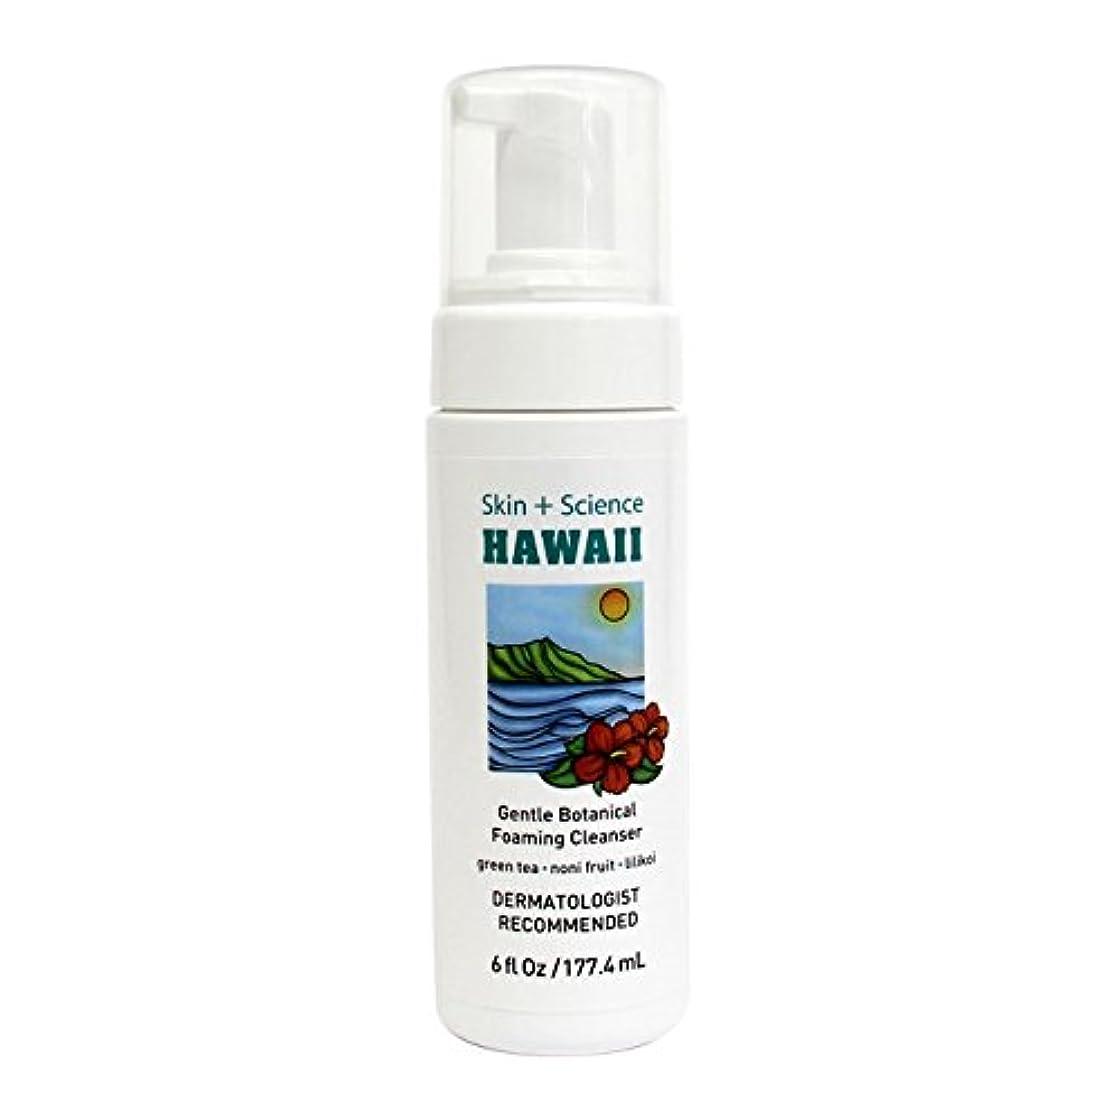 困惑したソーシャルトレイスキンサイエンス ハワイ ボタニカルフォーミングクレンザー 177.4ml